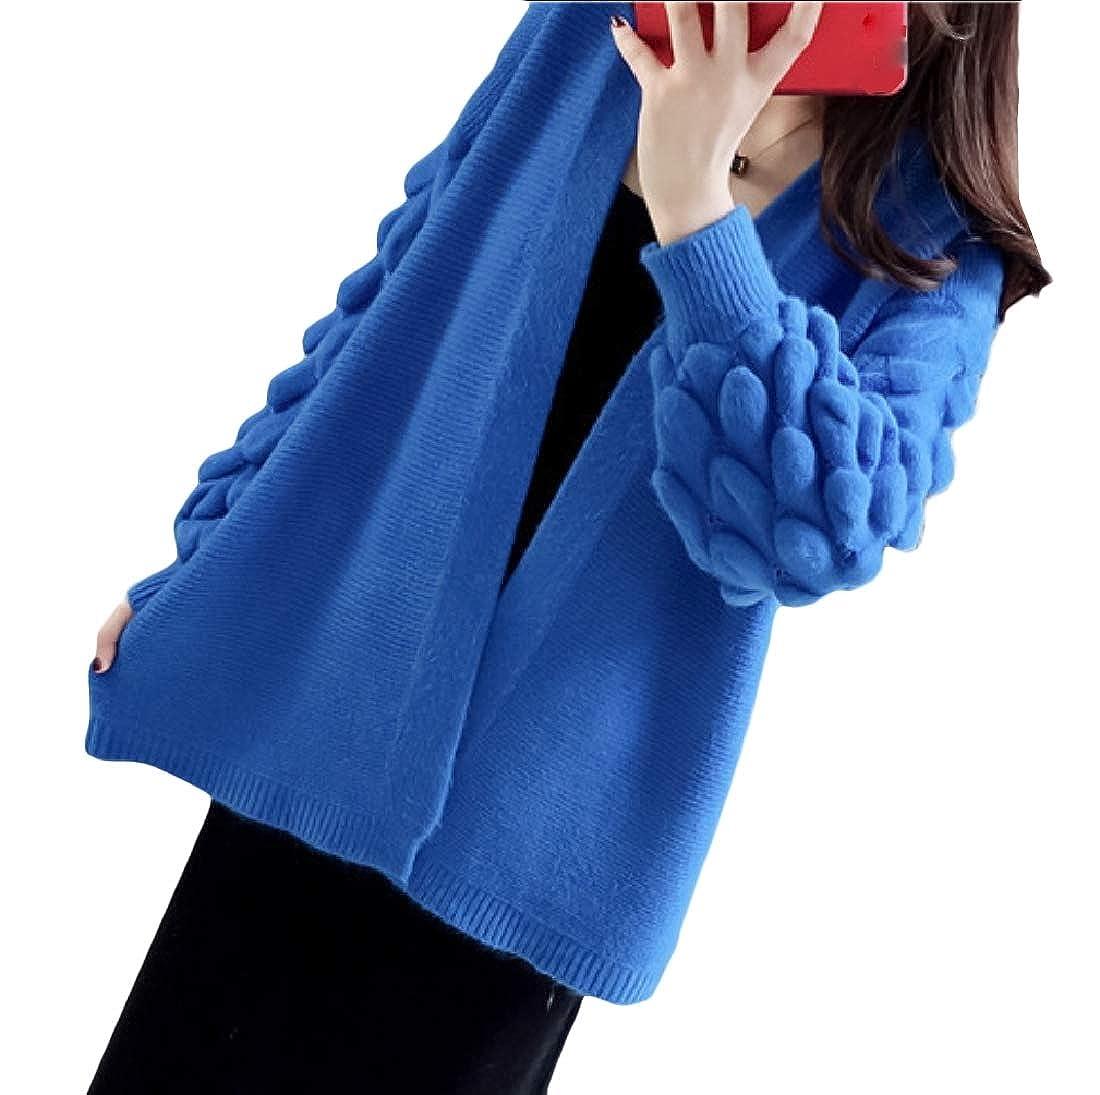 bluee TaoNice Women's Knitwear Open Front Cardigan Soft Sweater Coat